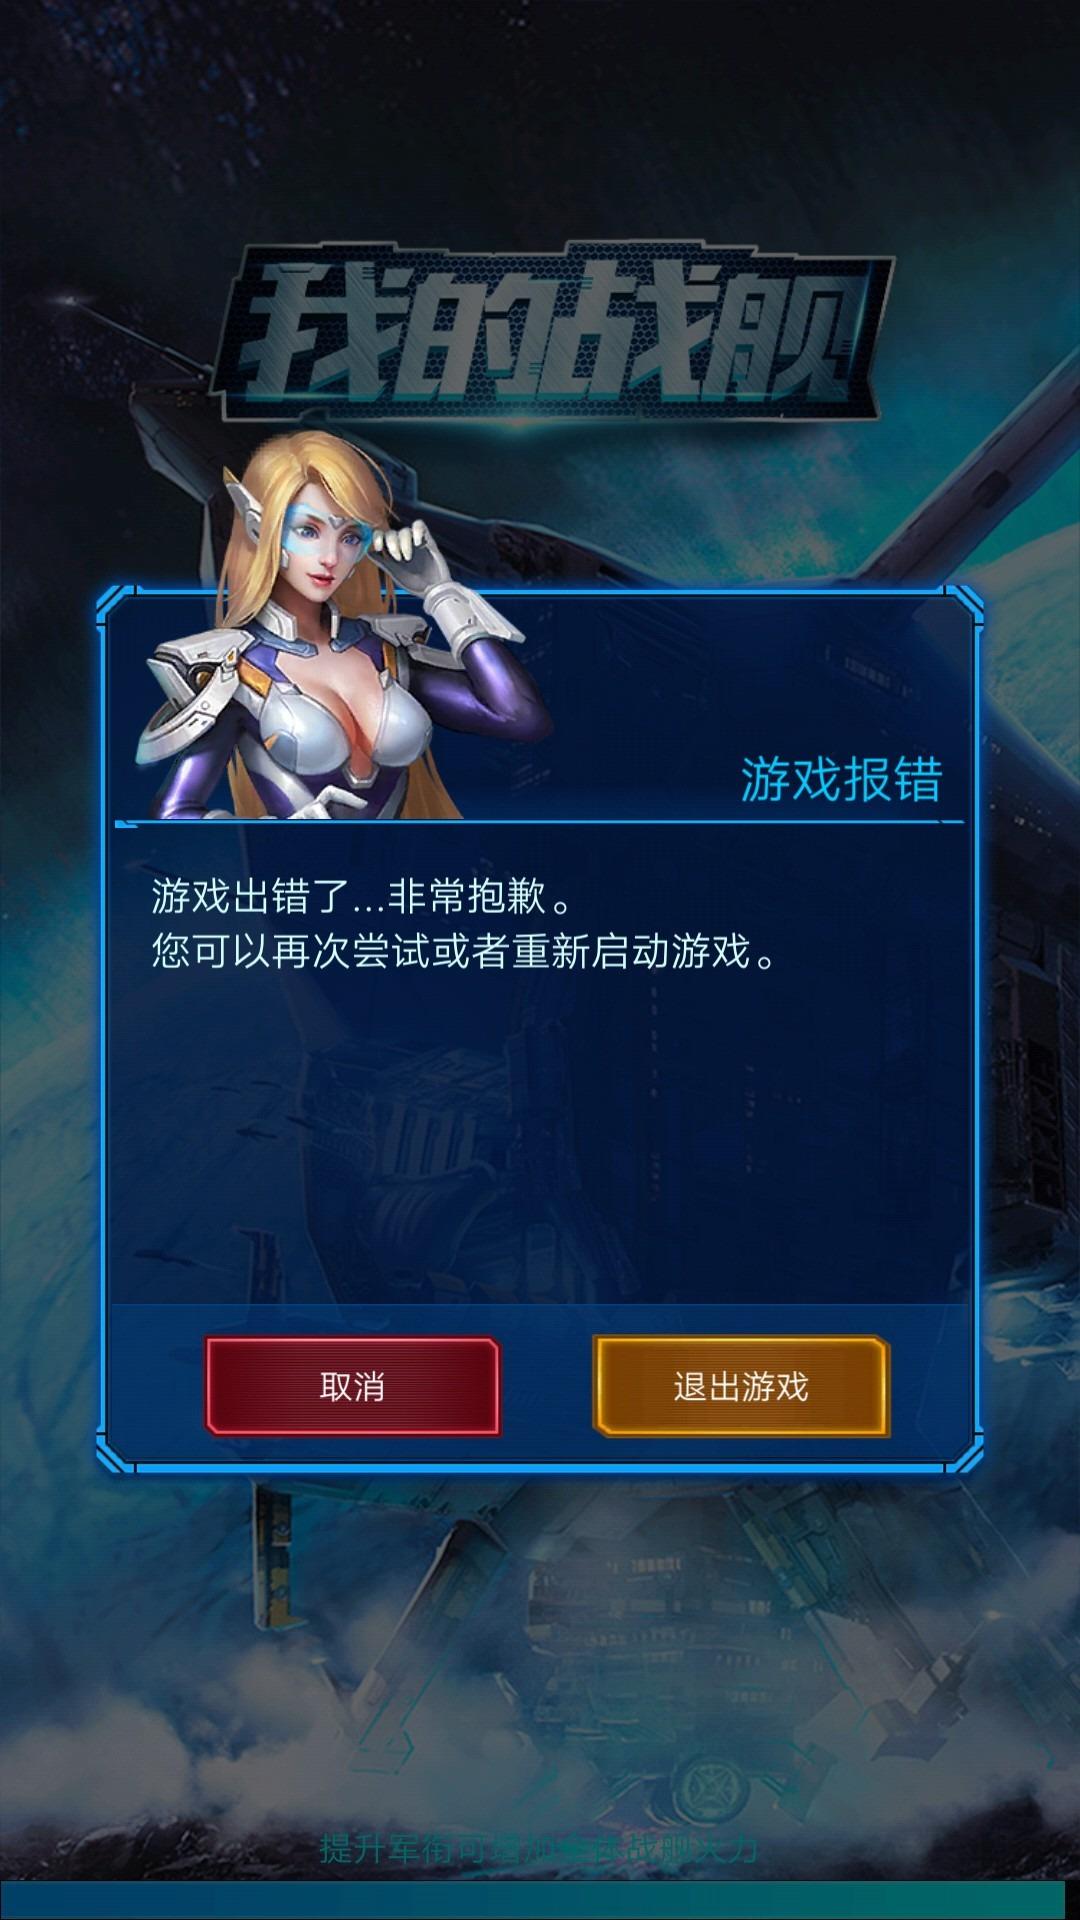 Screenshot_2019_0620_160612.jpg